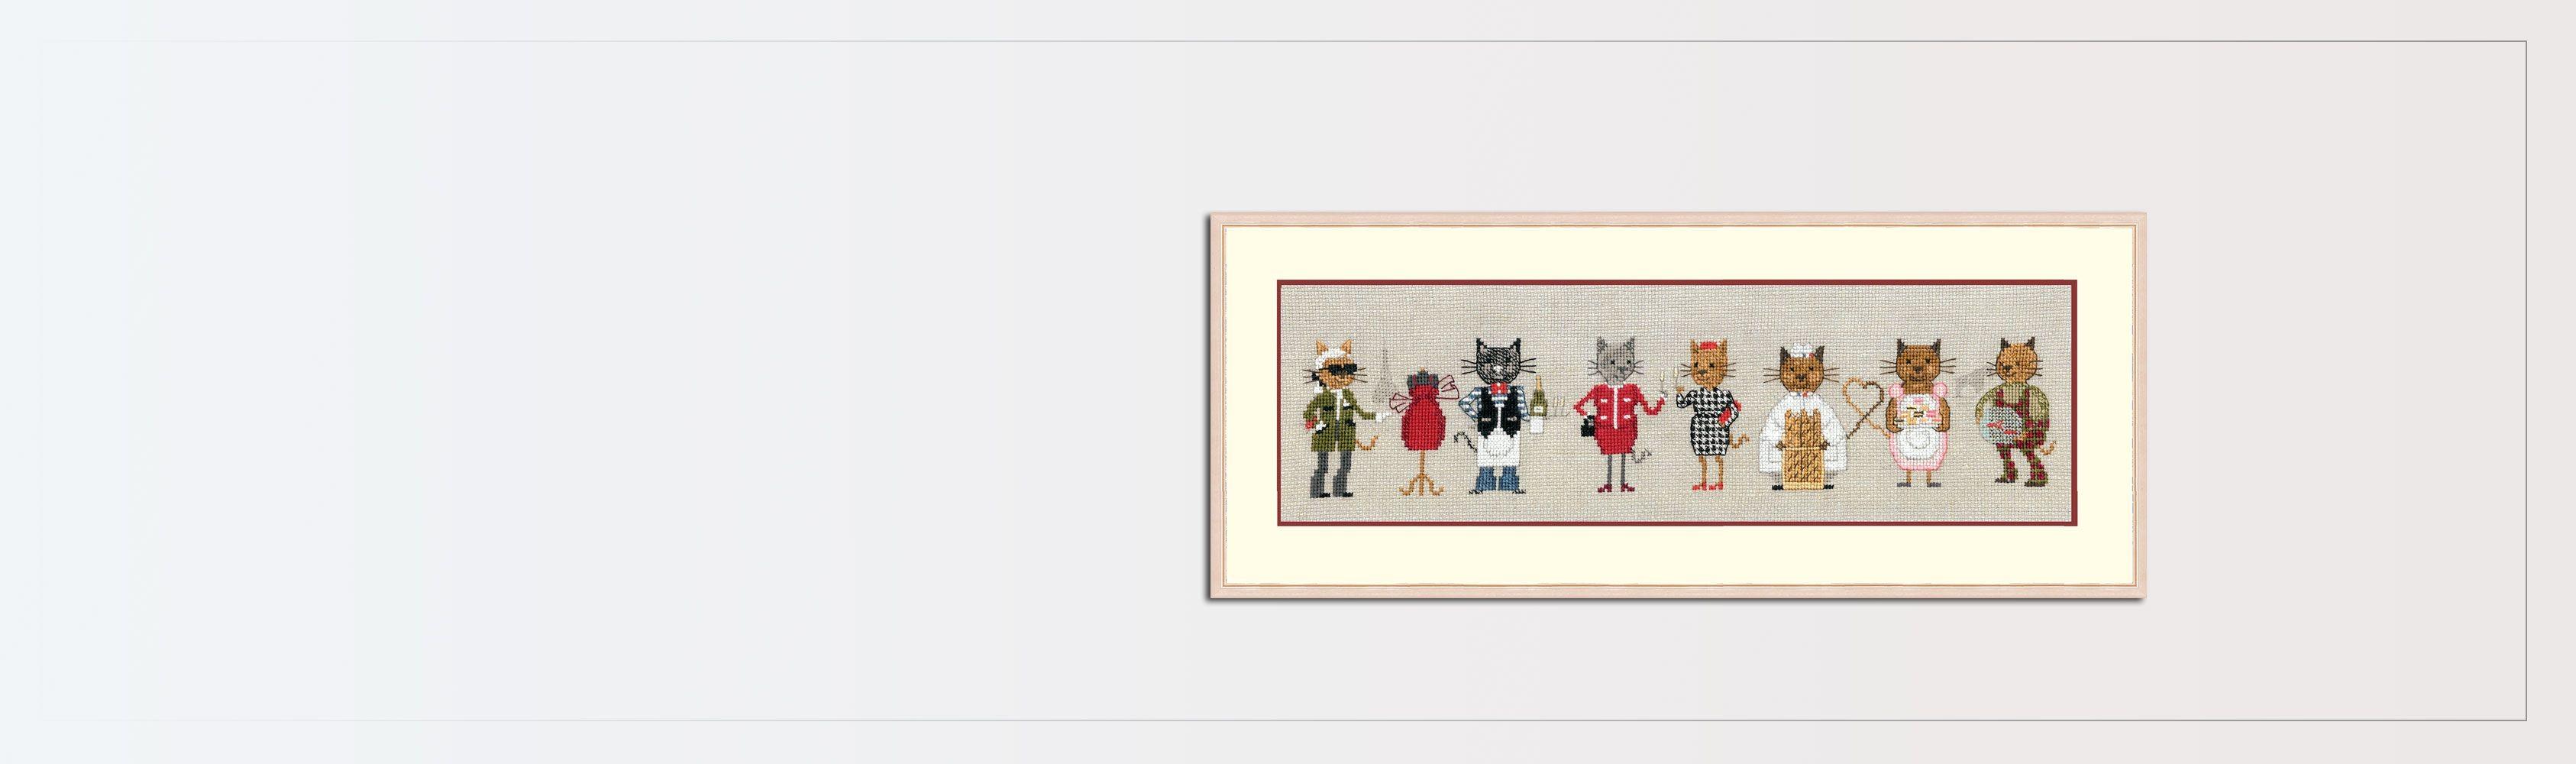 Parisian cat frieze. Corss stitch kit, Aida support. Le Bonheur des Dames